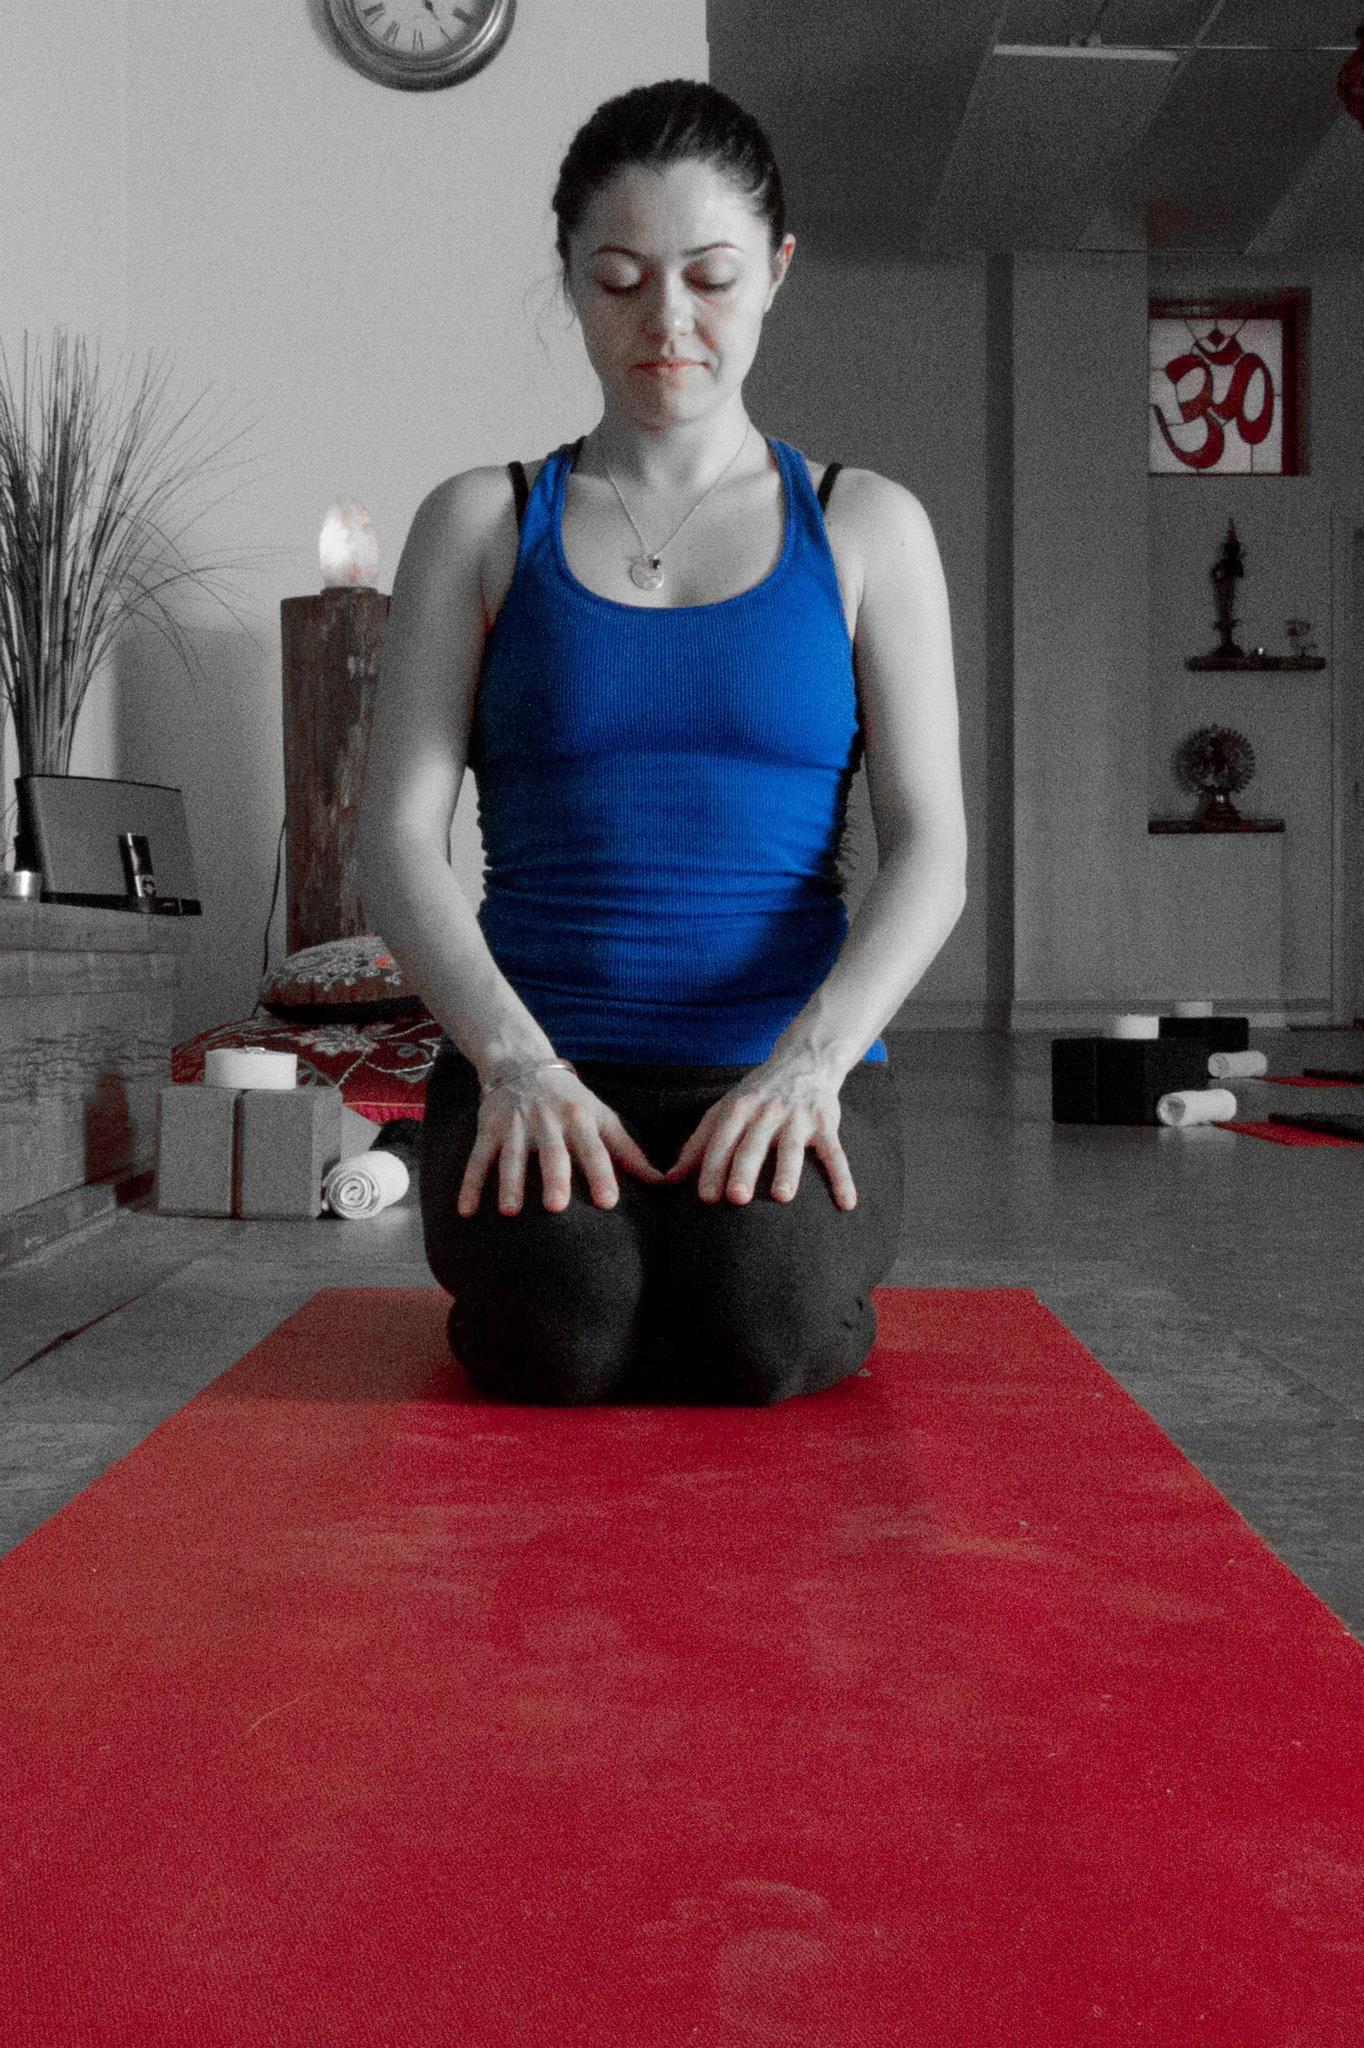 iGita Yoga Studio